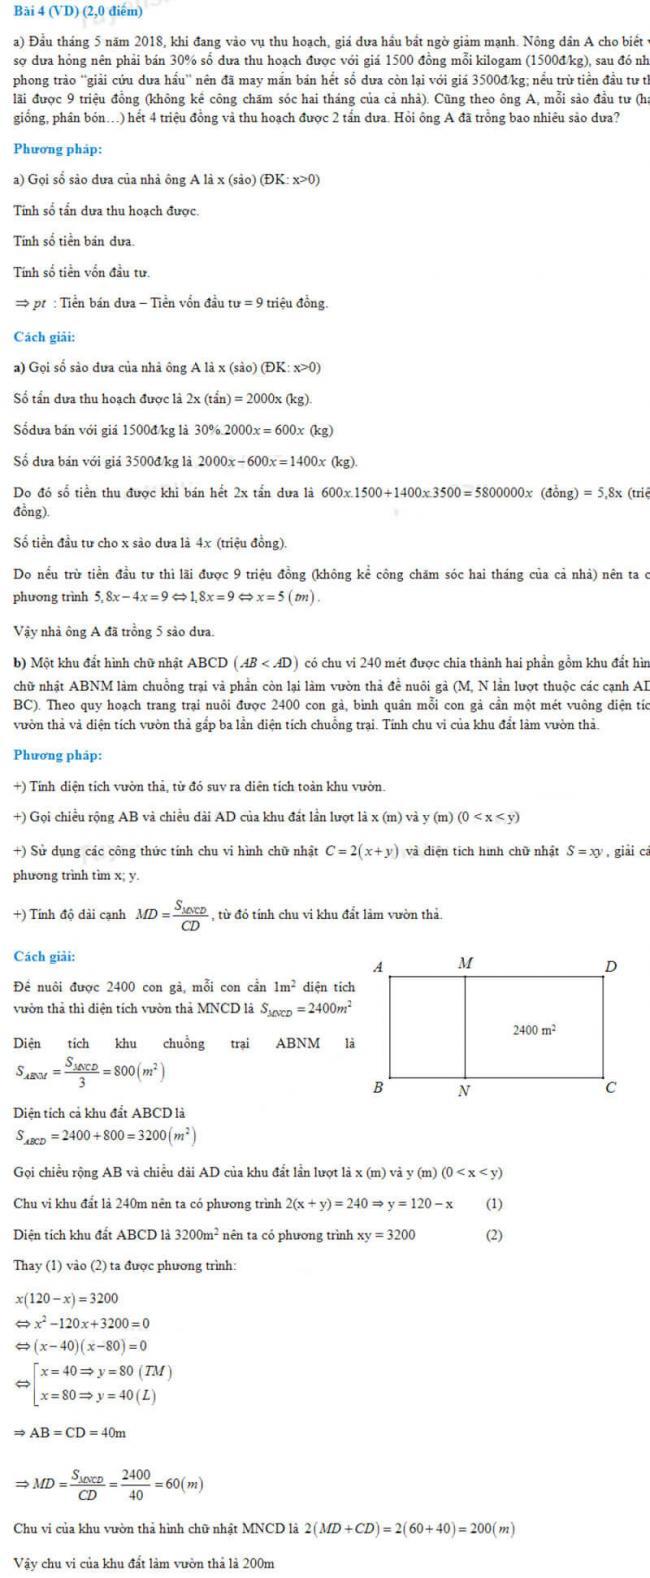 đáp án bài 4 đề thi toán không chuyên vào lớp 10 trường PTNK